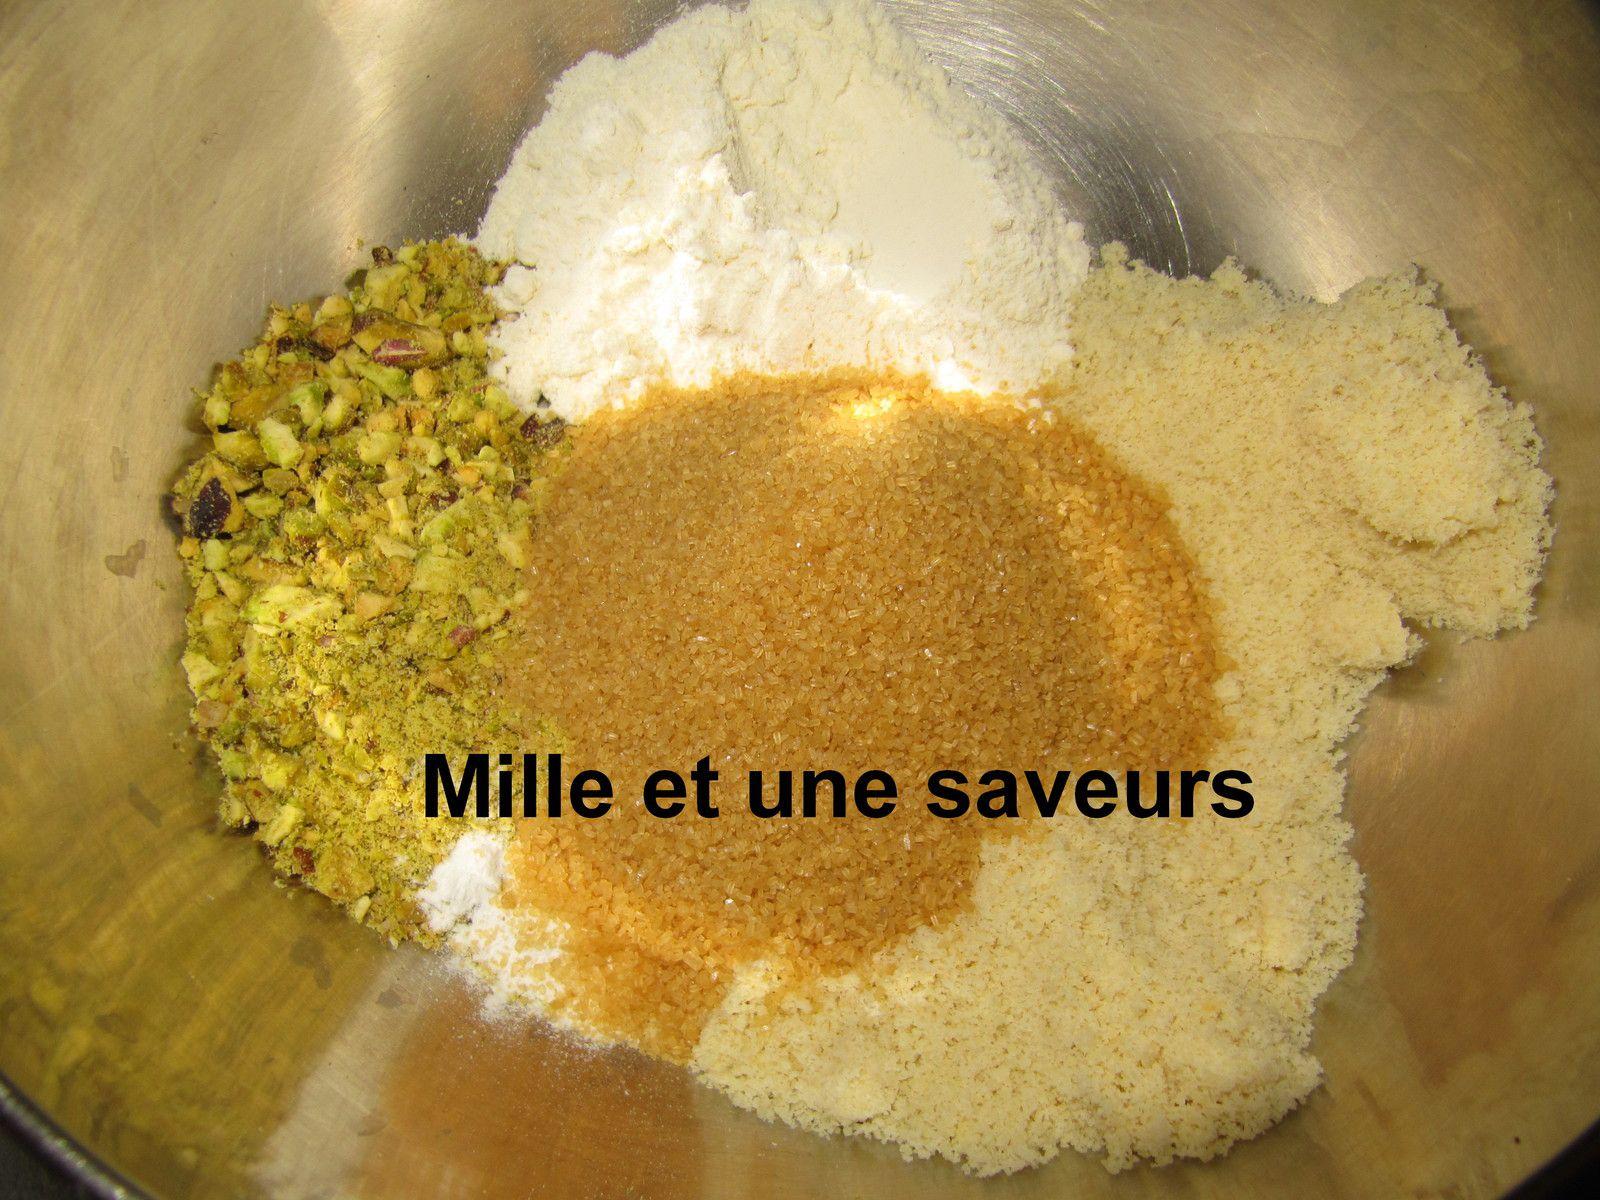 Gâteau pistache, fleur d'orangée et l'huile d'olive